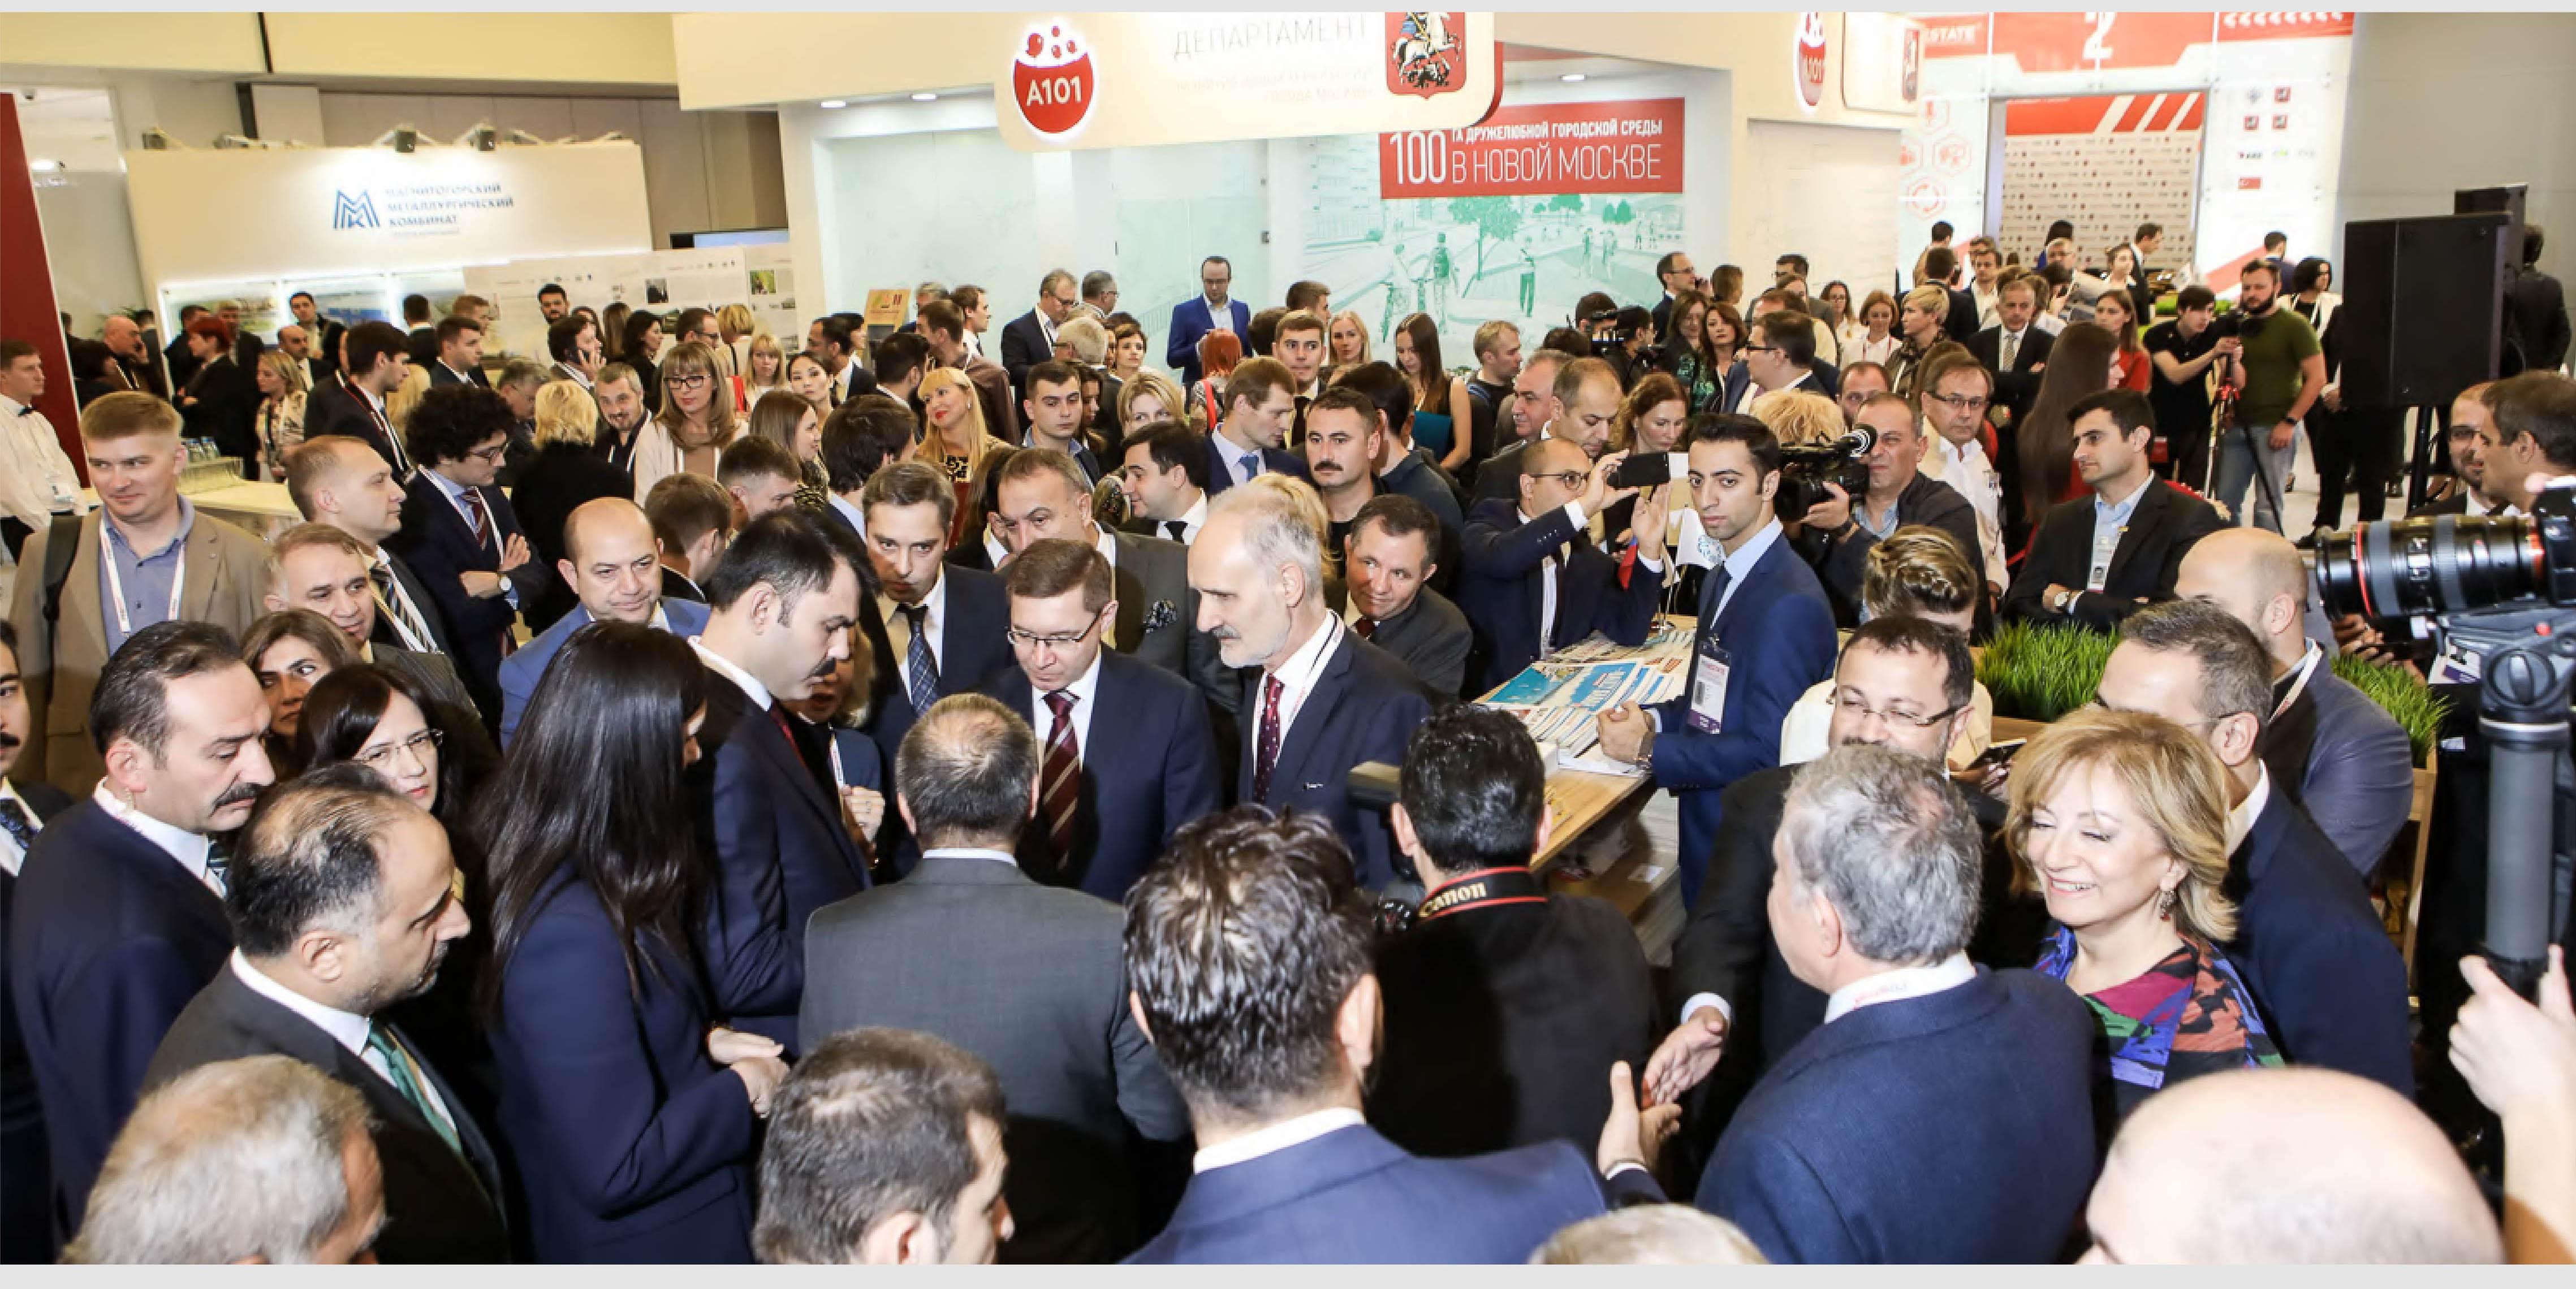 Ежегодный международный инвестиционный форум по недвижимости PROESTATE-2019